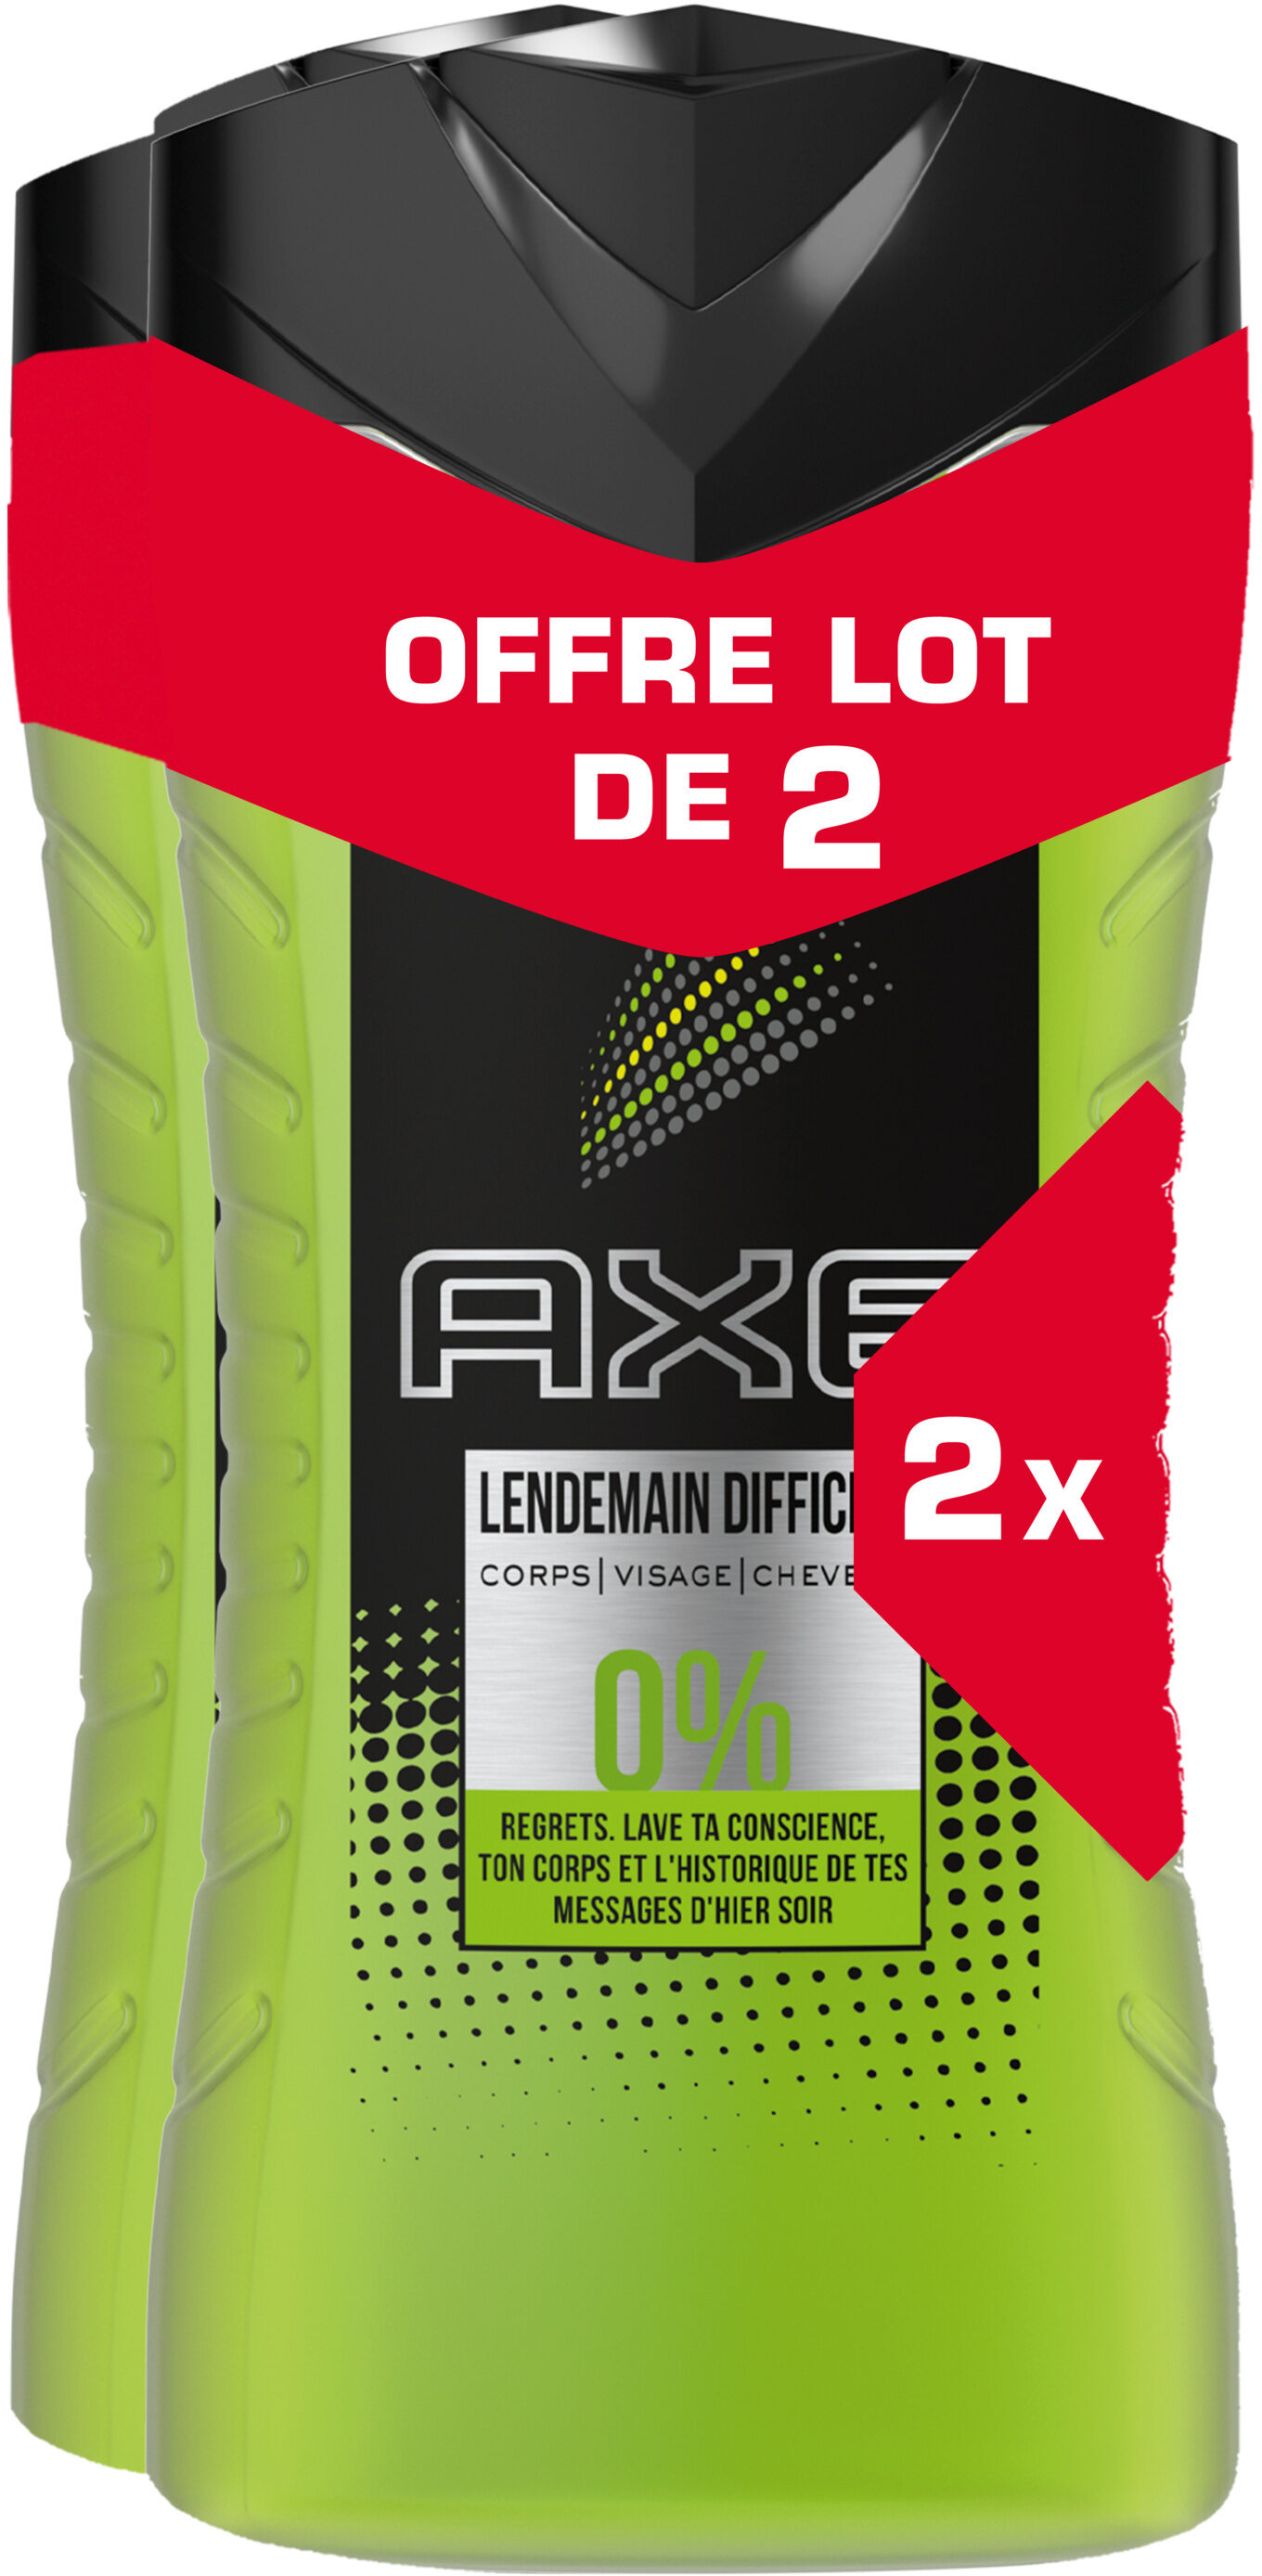 AXE 3en1 Gel Douche Homme Lendemain Difficile 250ml Lot de 2 - Product - fr